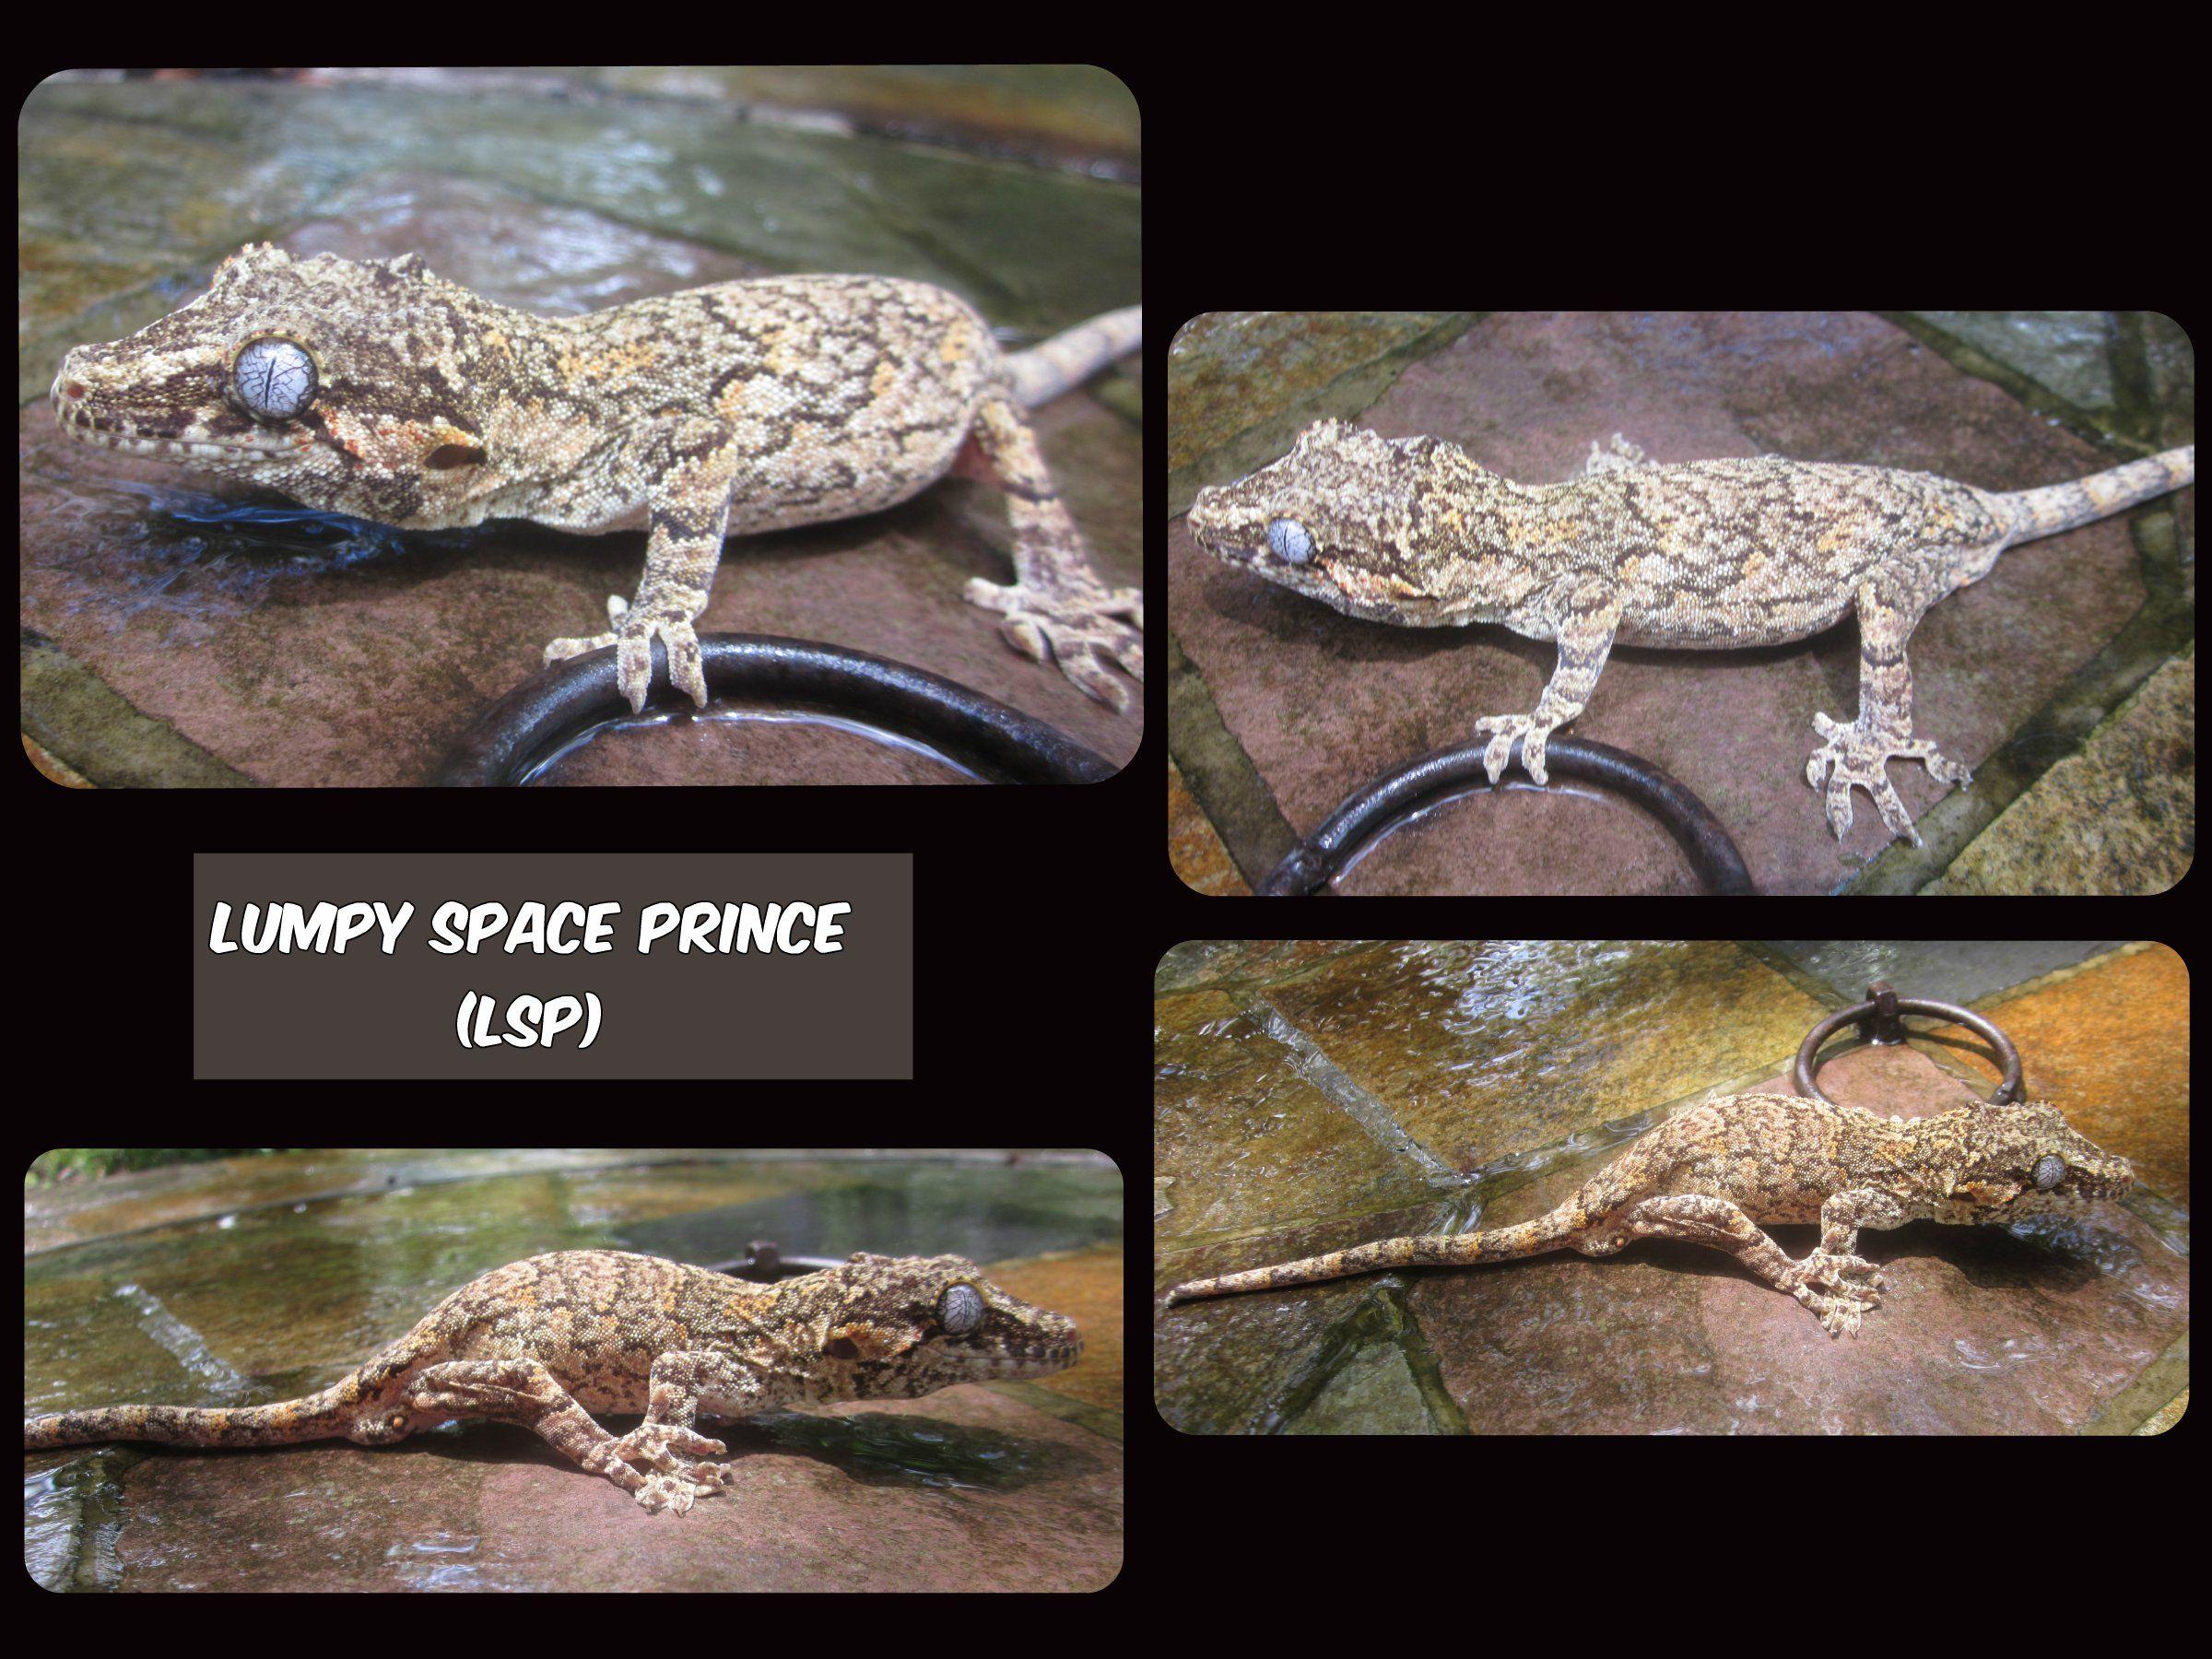 LSP, male Gargoyle gecko owned by Sierra Mason Coe